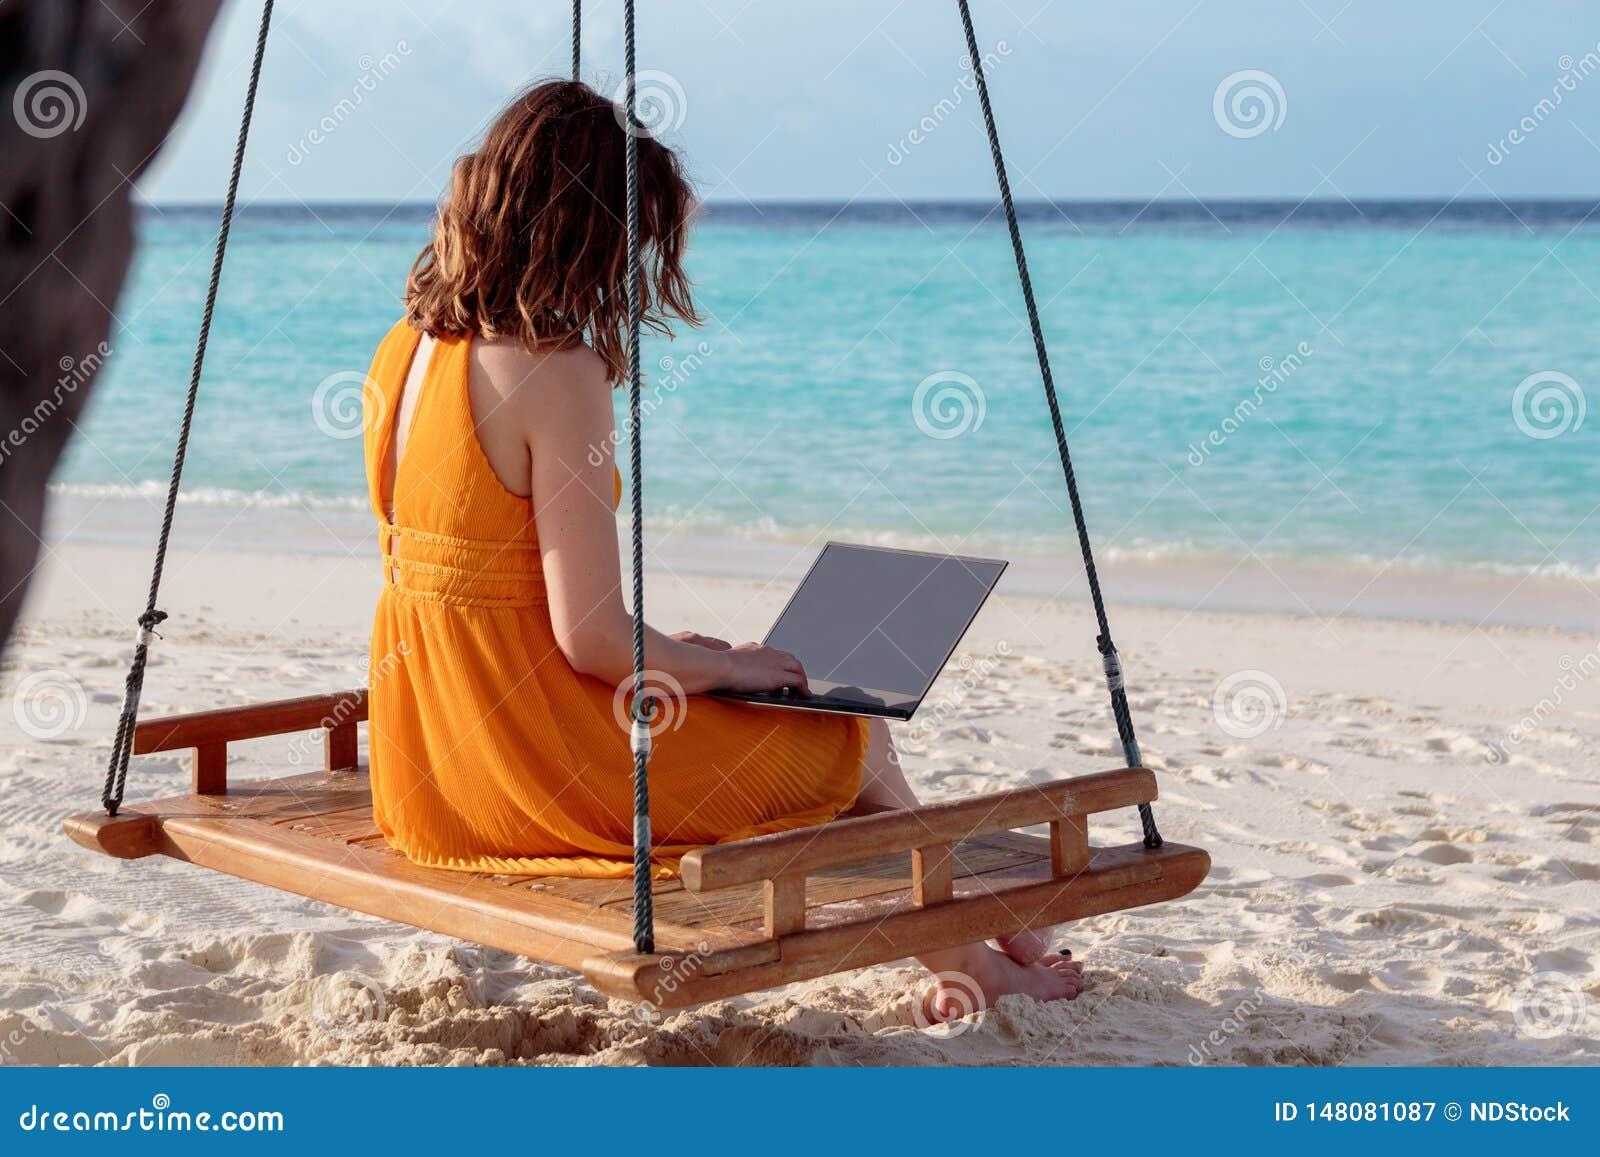 Jeune femme assise sur une oscillation et travailler avec son ordinateur portable L eau tropicale bleue claire comme fond